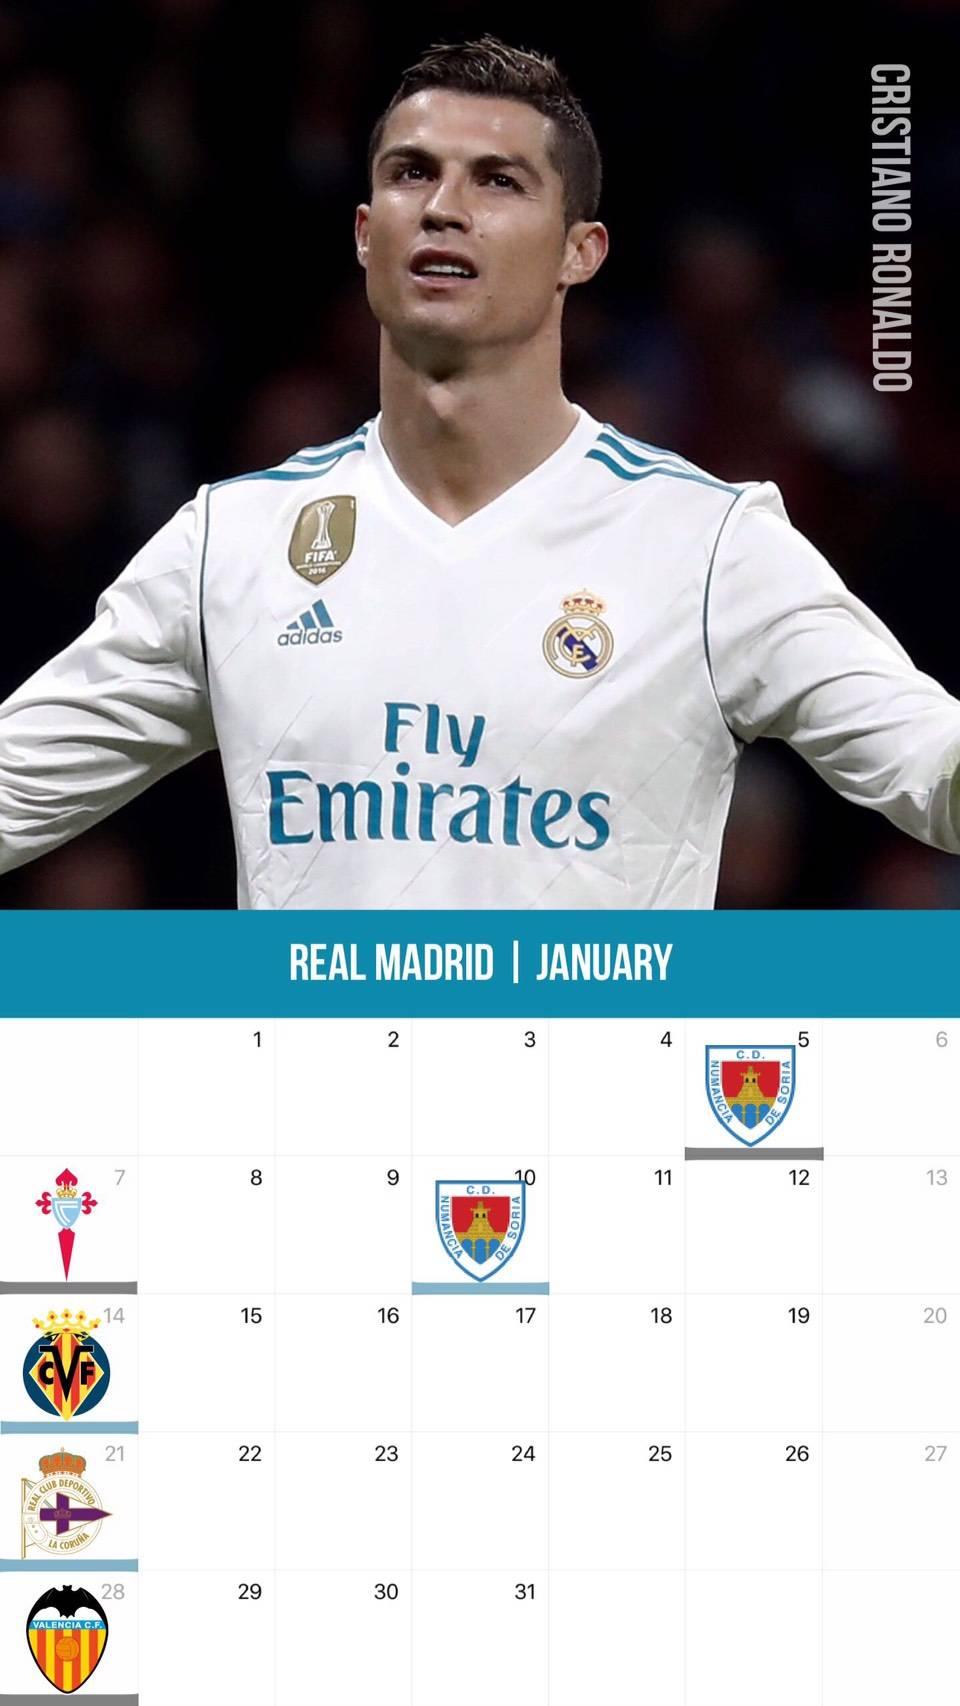 サッカー カレンダー壁紙 2018年1月版│サッカー壁紙│スマートフォン iPhone用 壁紙(全13チーム)